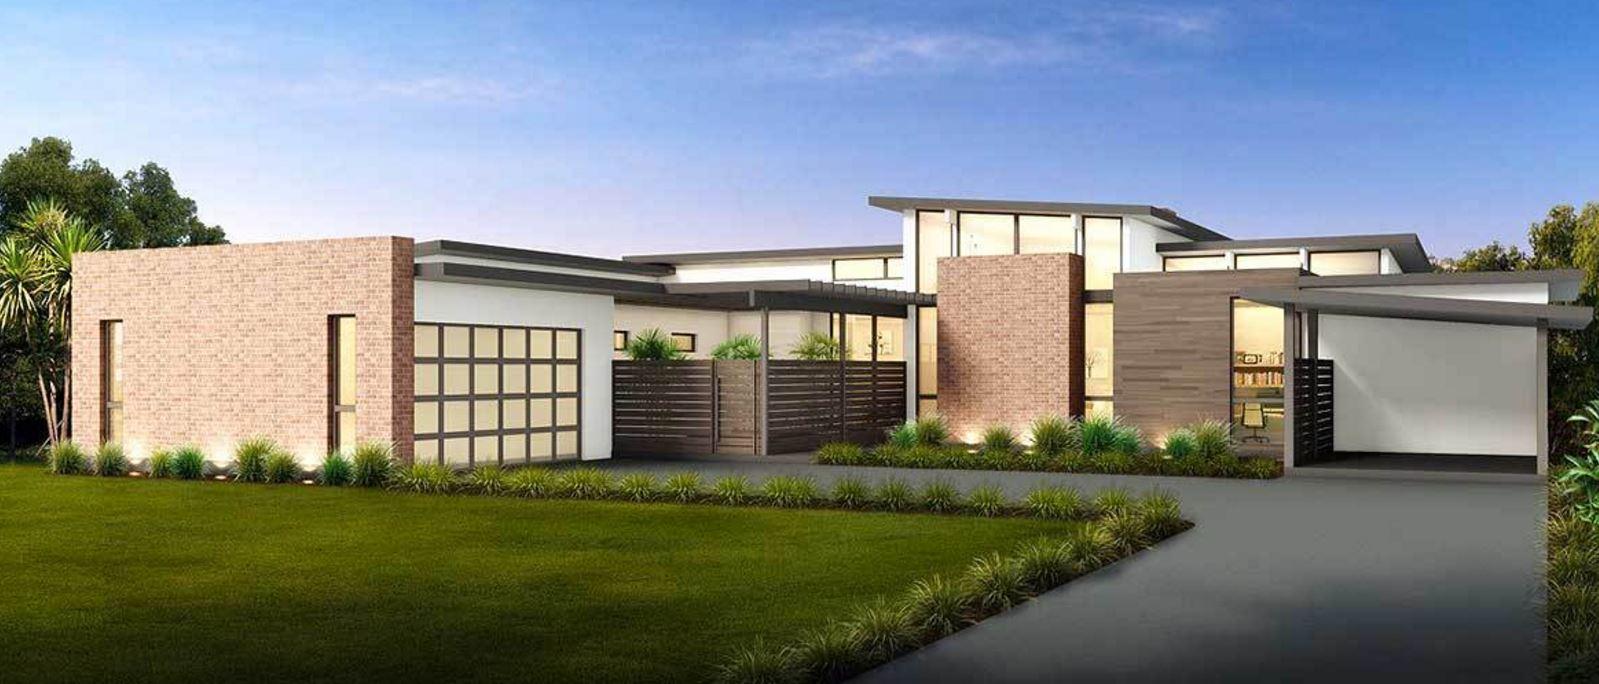 Casas modernas de una sola planta for Fachadas de viviendas de una planta